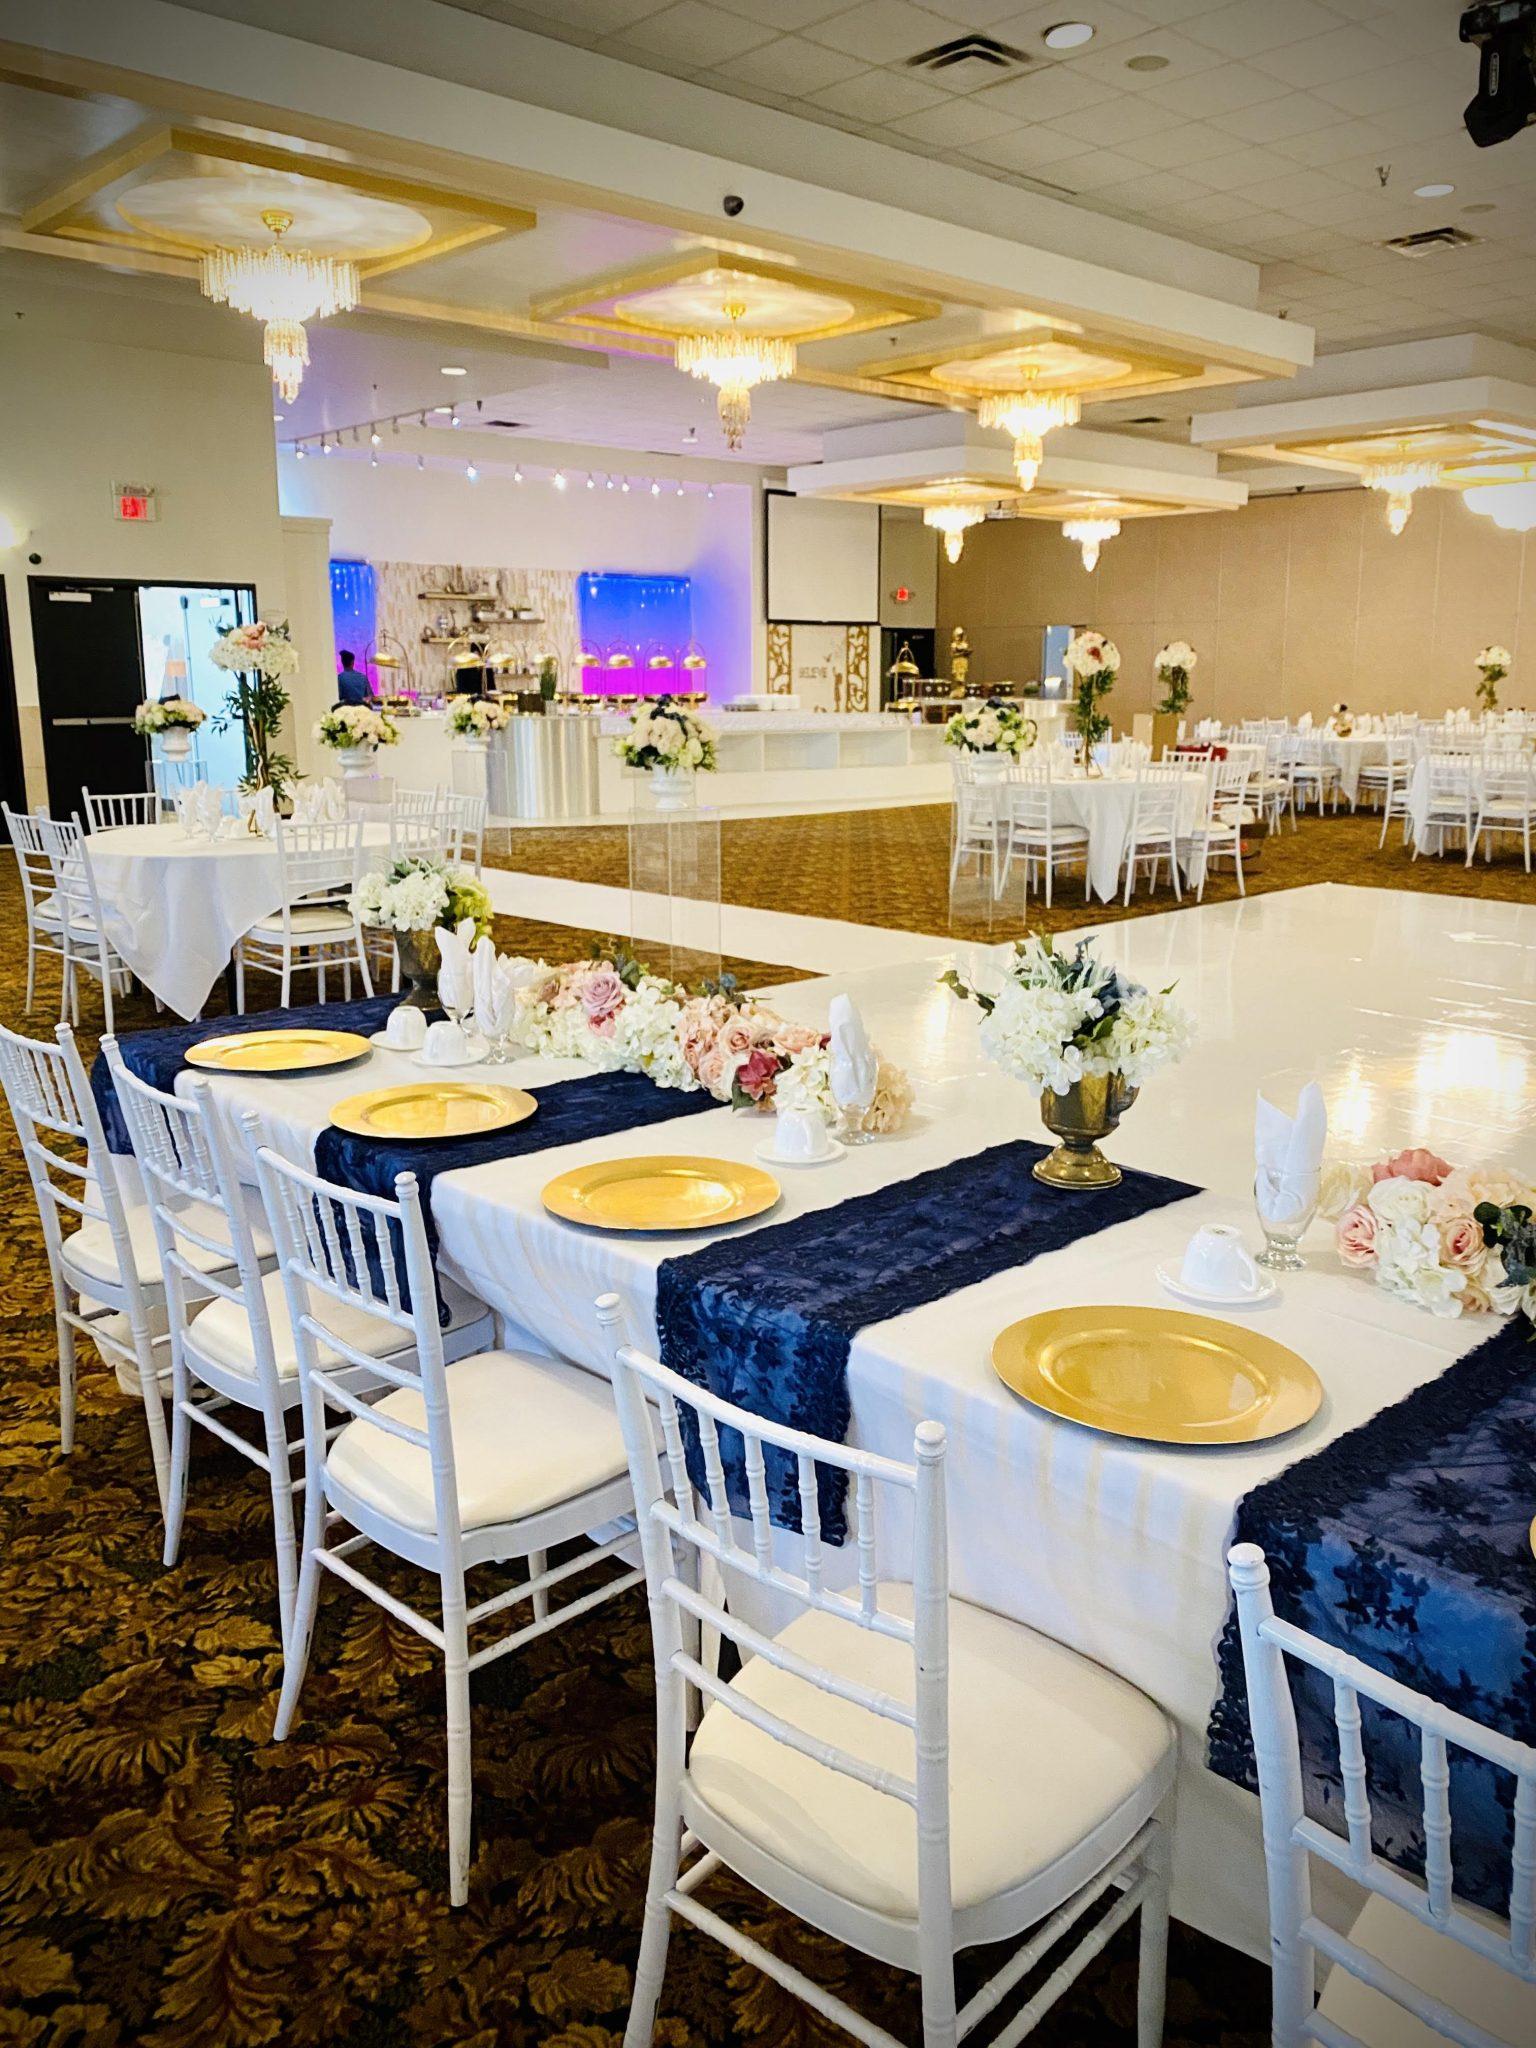 Dhaliwal-Banquet-Hall-Floor